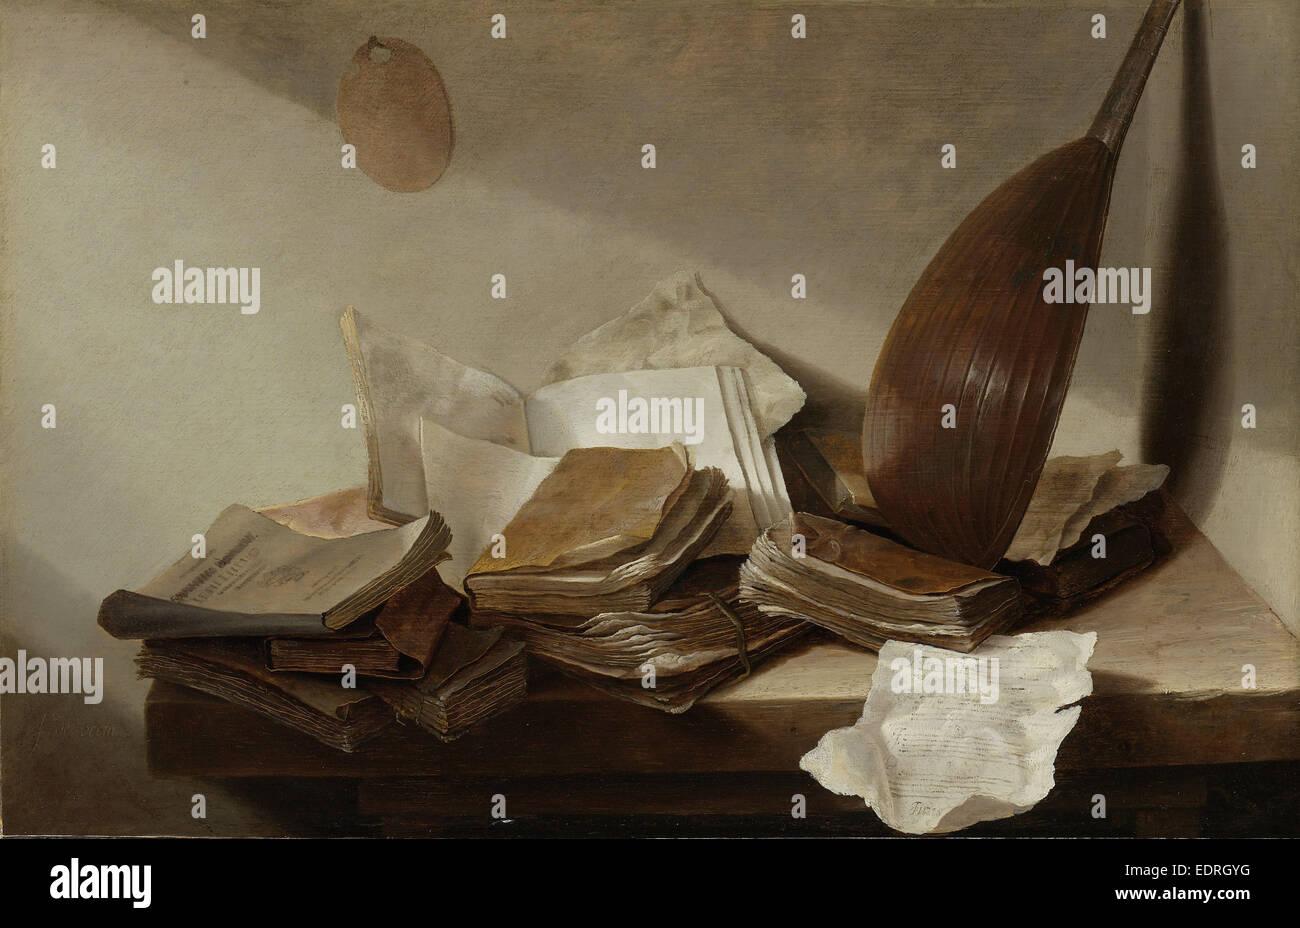 Natura morta con libri, Jan Davidsz de Heem, 1625 - 1630 Foto Stock